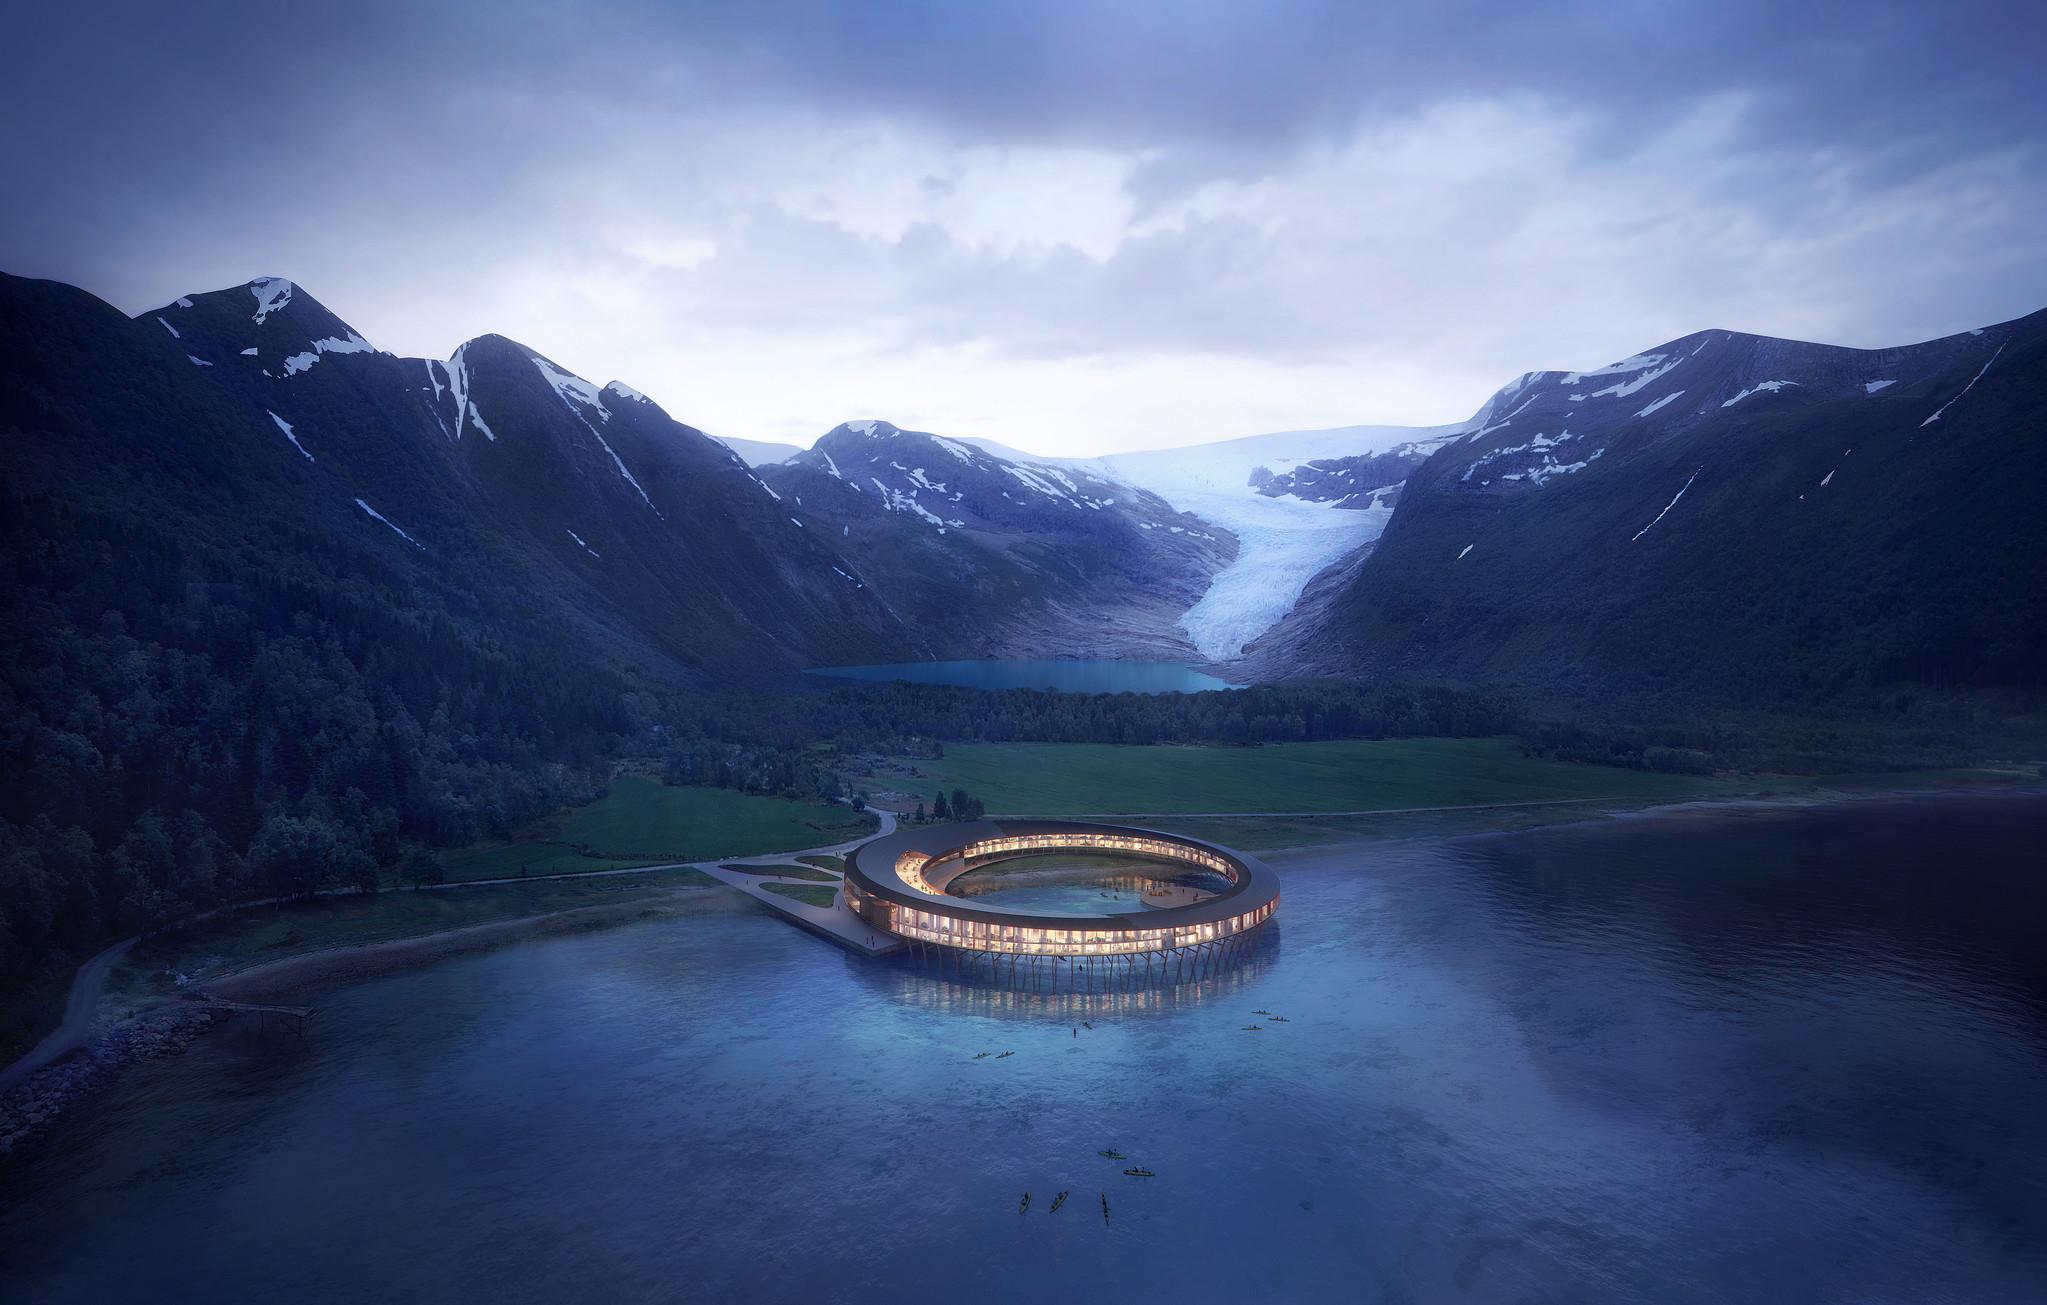 Svart, hotel criado pelo Snøhetta é considerado o hotel mais sustentável do mundo.